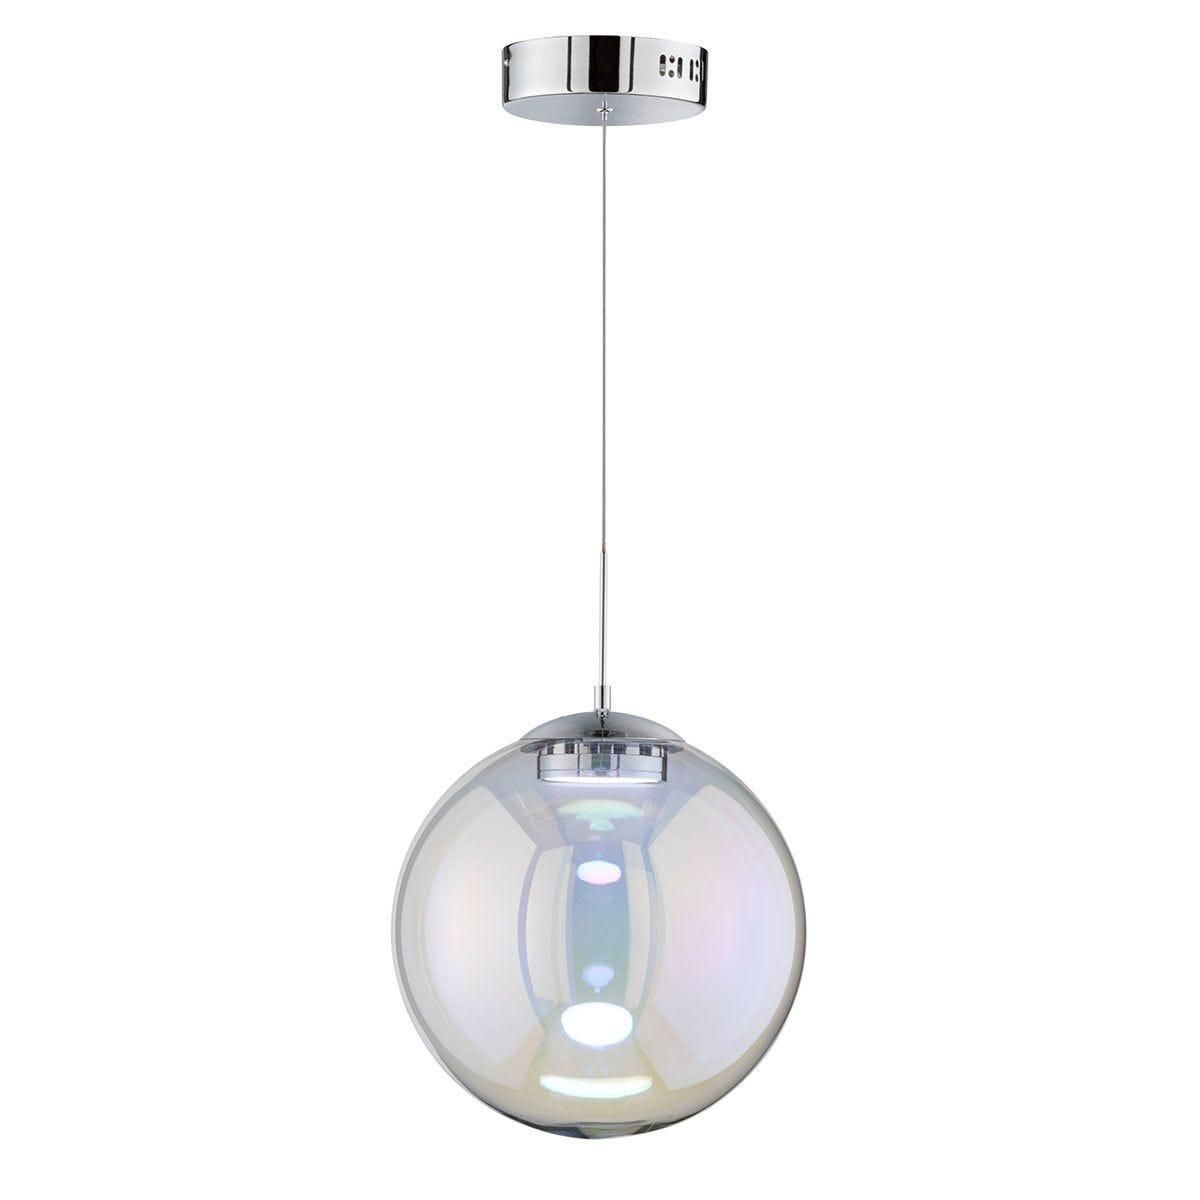 Wofi Grace Pendant Light - Chrome - LED (8.5W)